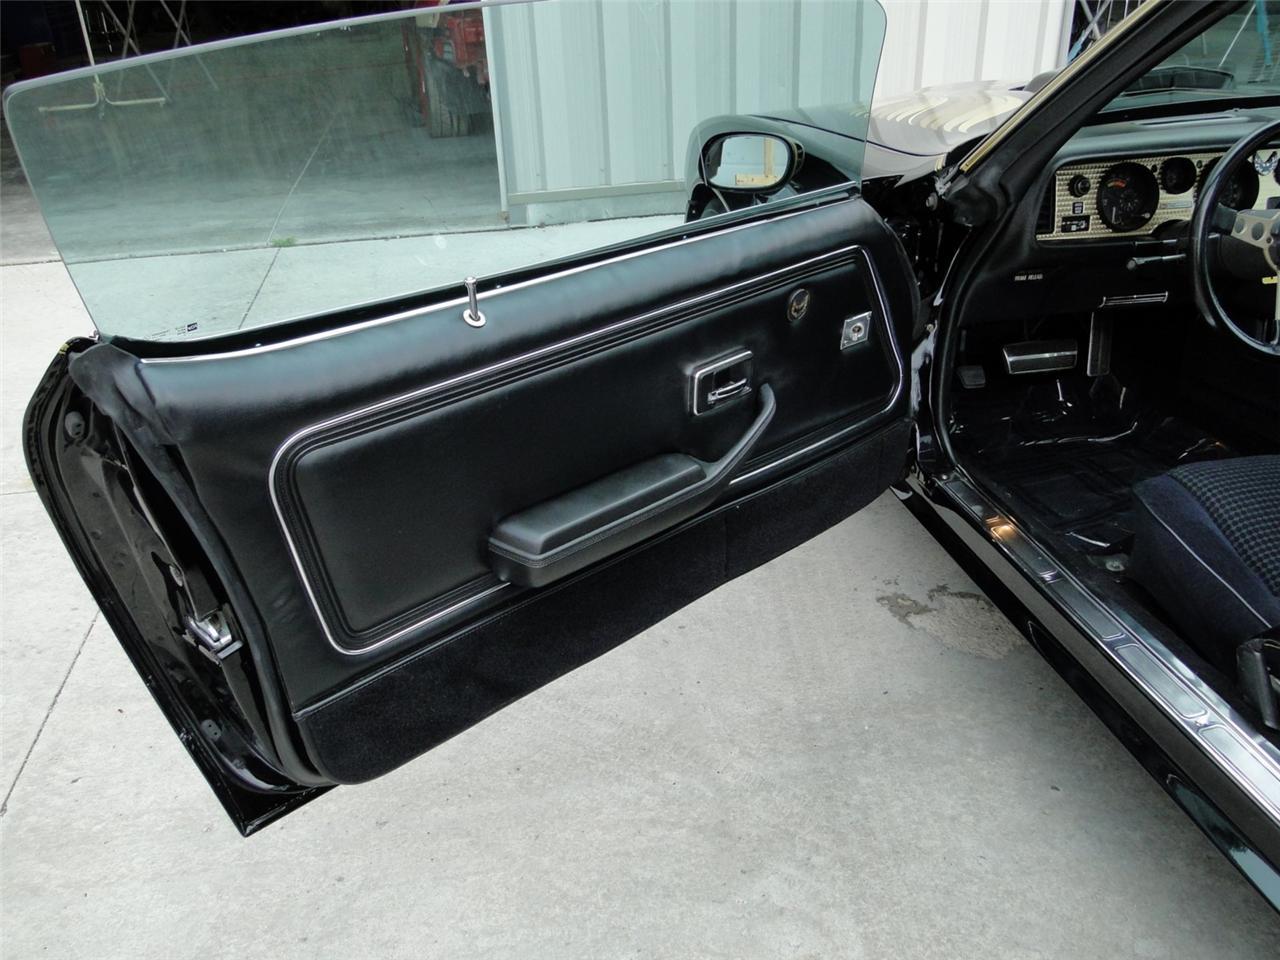 ... 1978-81 Pontiac Firebird Trans Am Deluxe Door Panels Pair NEW 5 Colors - INT ... & 1978-81 Pontiac Firebird Trans Am Deluxe Door Panels Pair NEW 5 ...